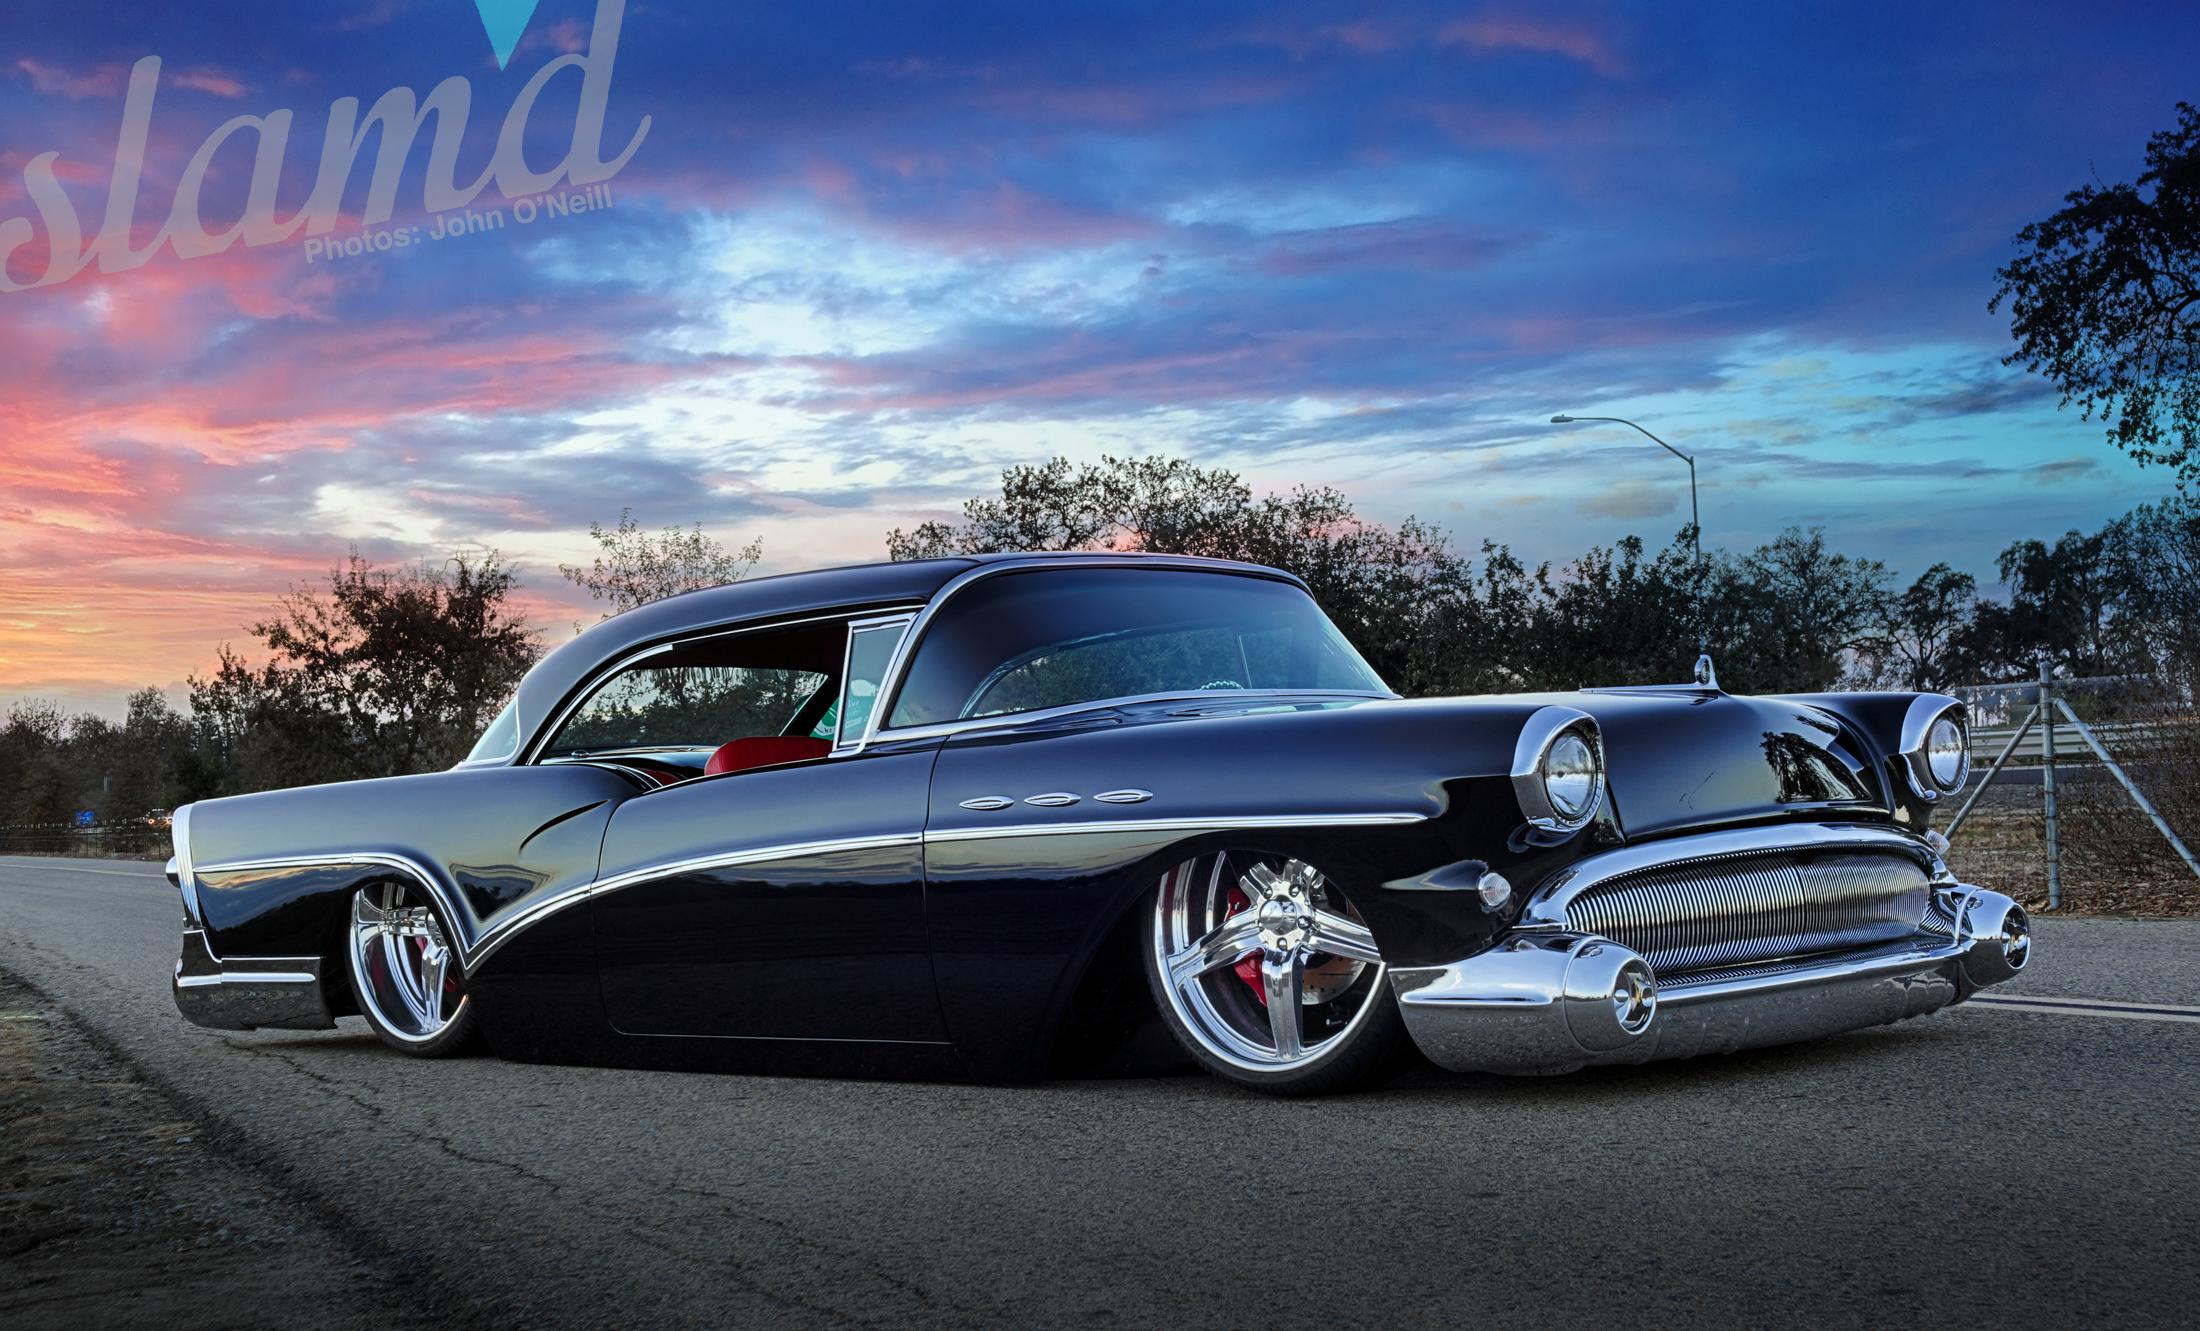 Classic Car Wallpaper 57 Chevy Us Built Australia Driven 1957 Buick Special Slam D Mag